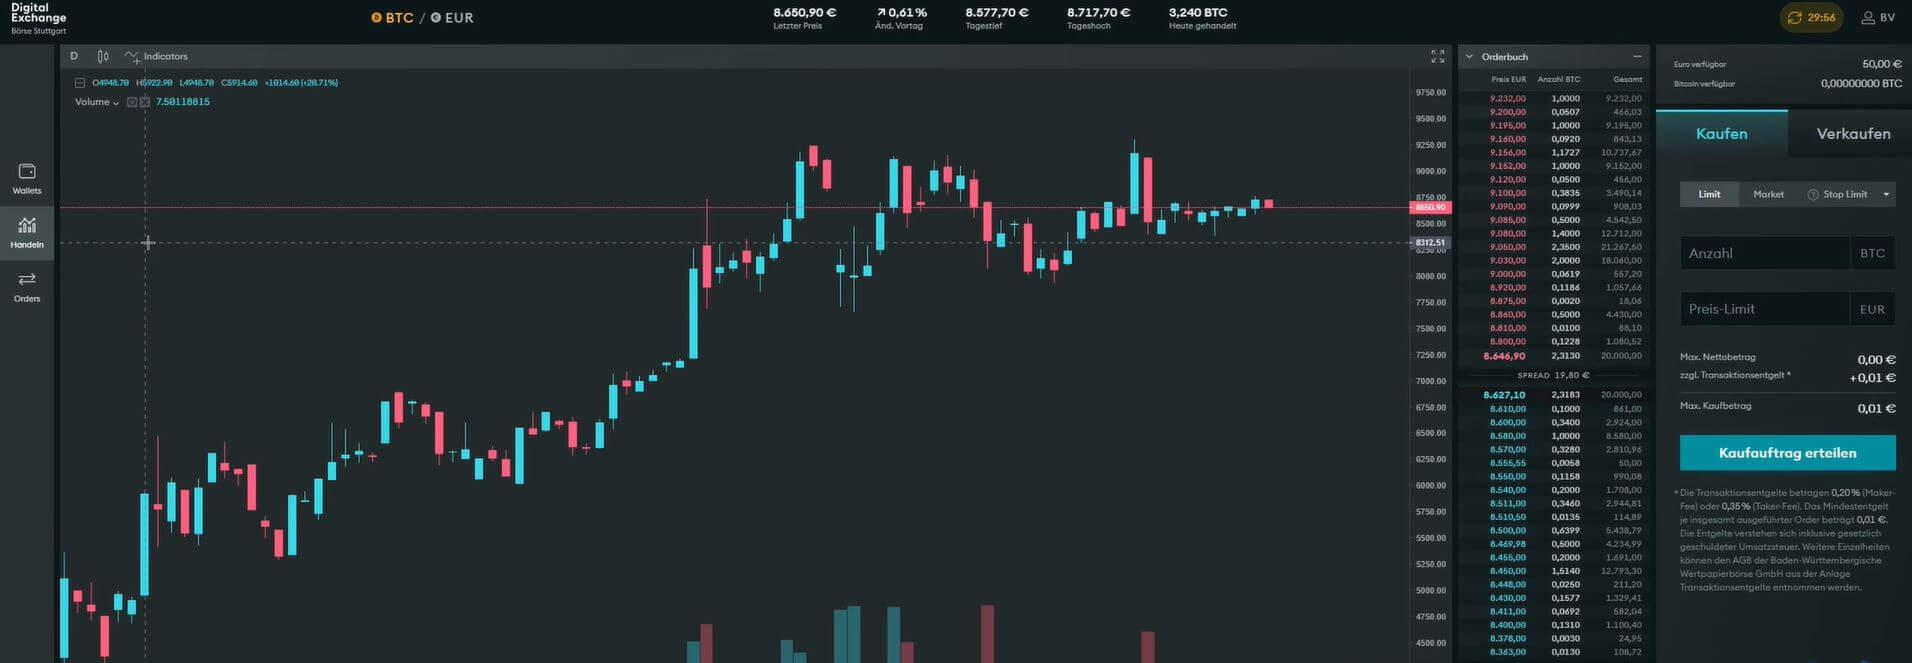 Bitcoins kaufen bei BSDEX